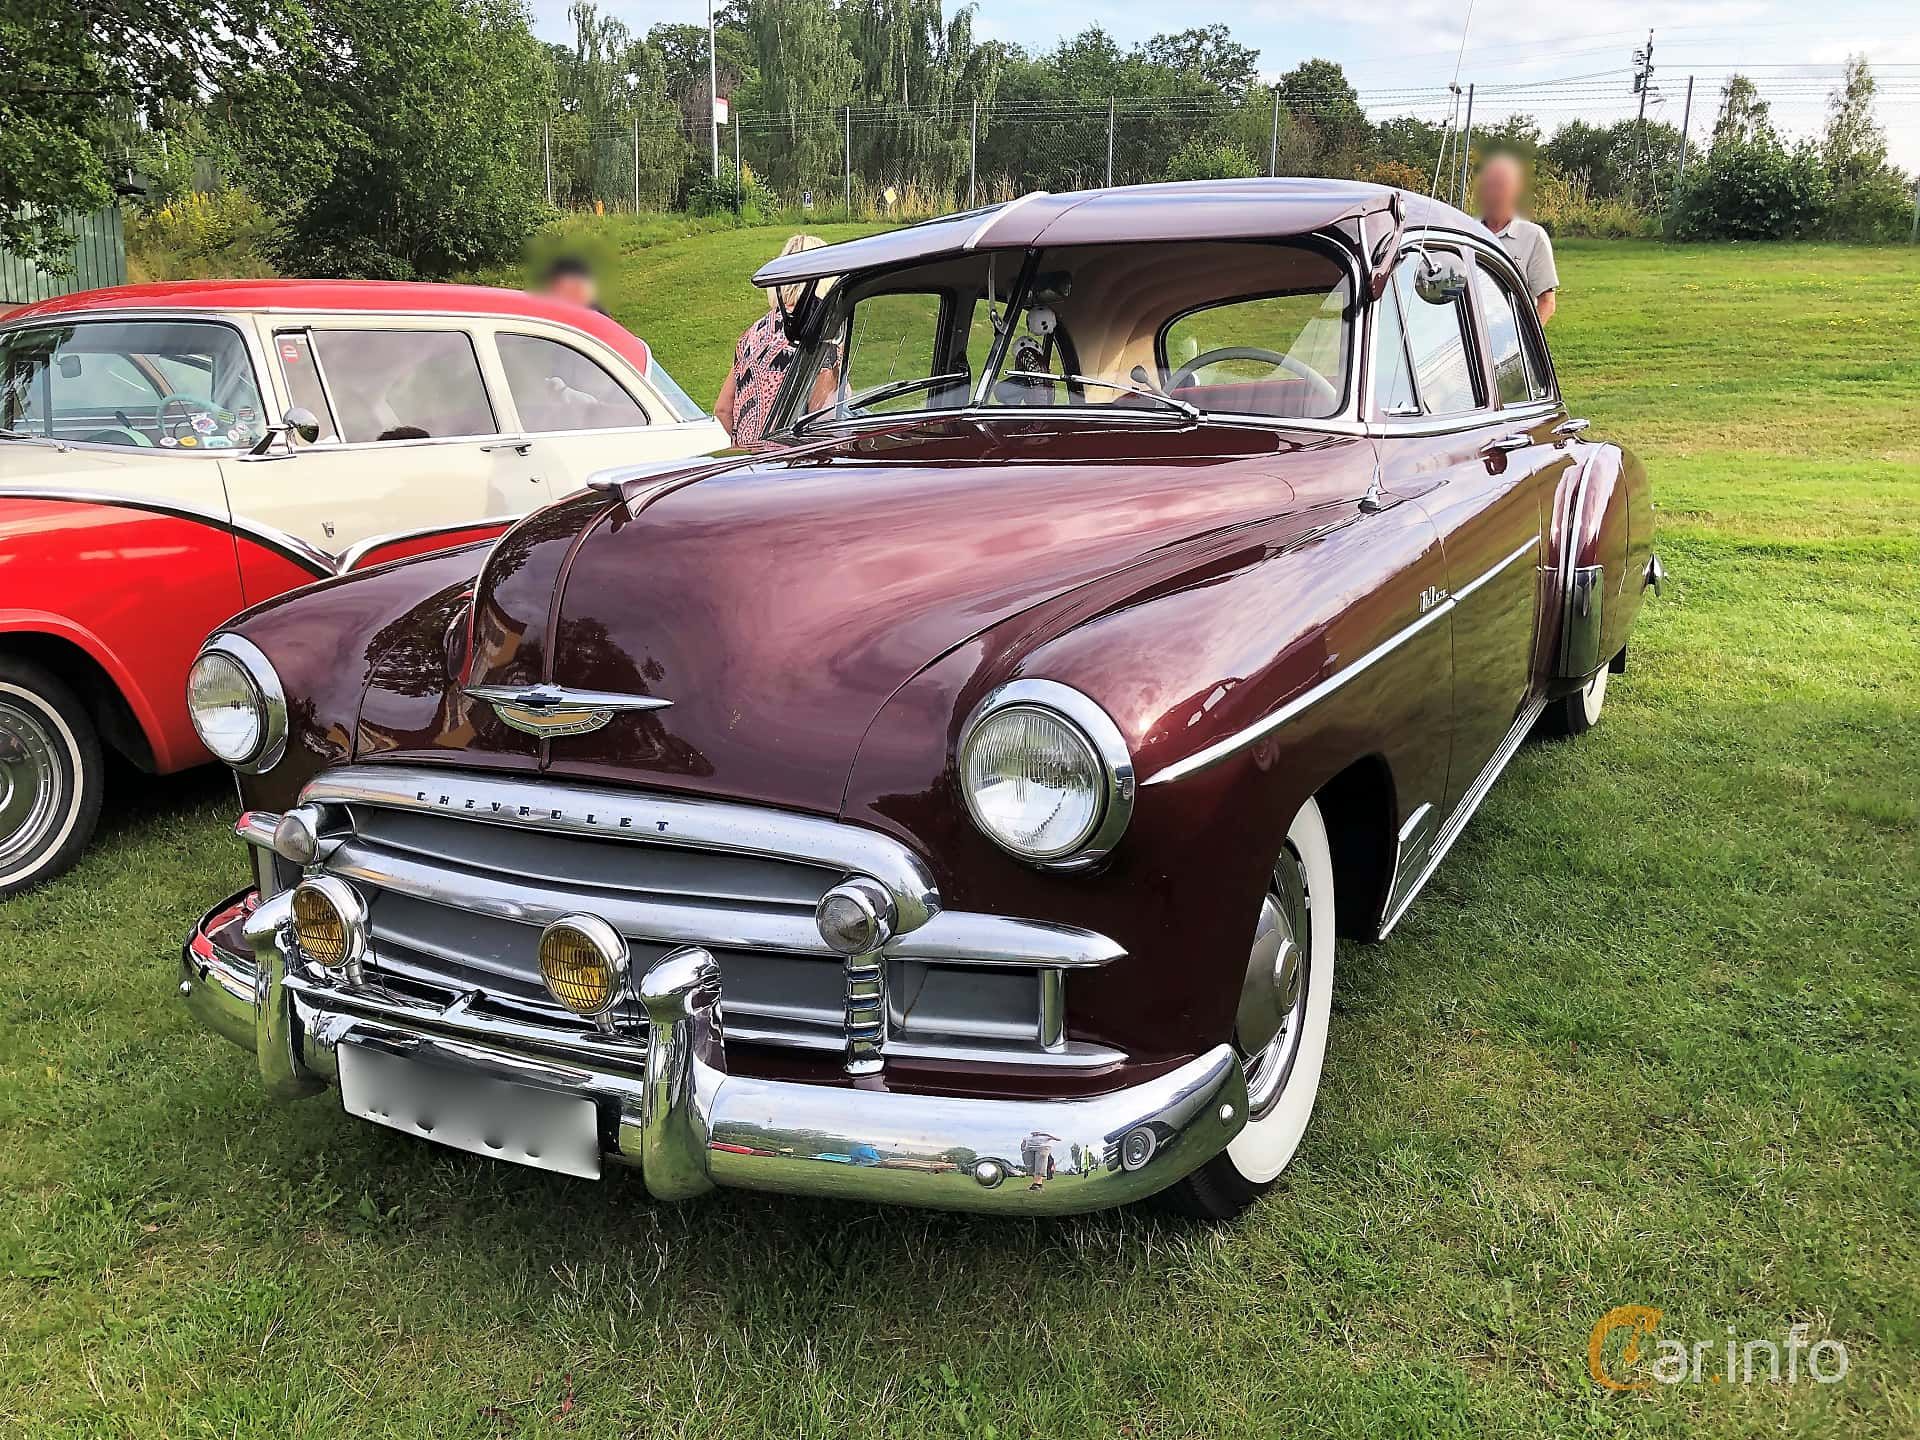 Chevrolet Styleline Deluxe 4-door Sedan 3.5 Manual, 93hp, 1950 at Bil & MC-träffar i Huskvarna Folkets Park 2019 vecka 32 tema Hot Rods